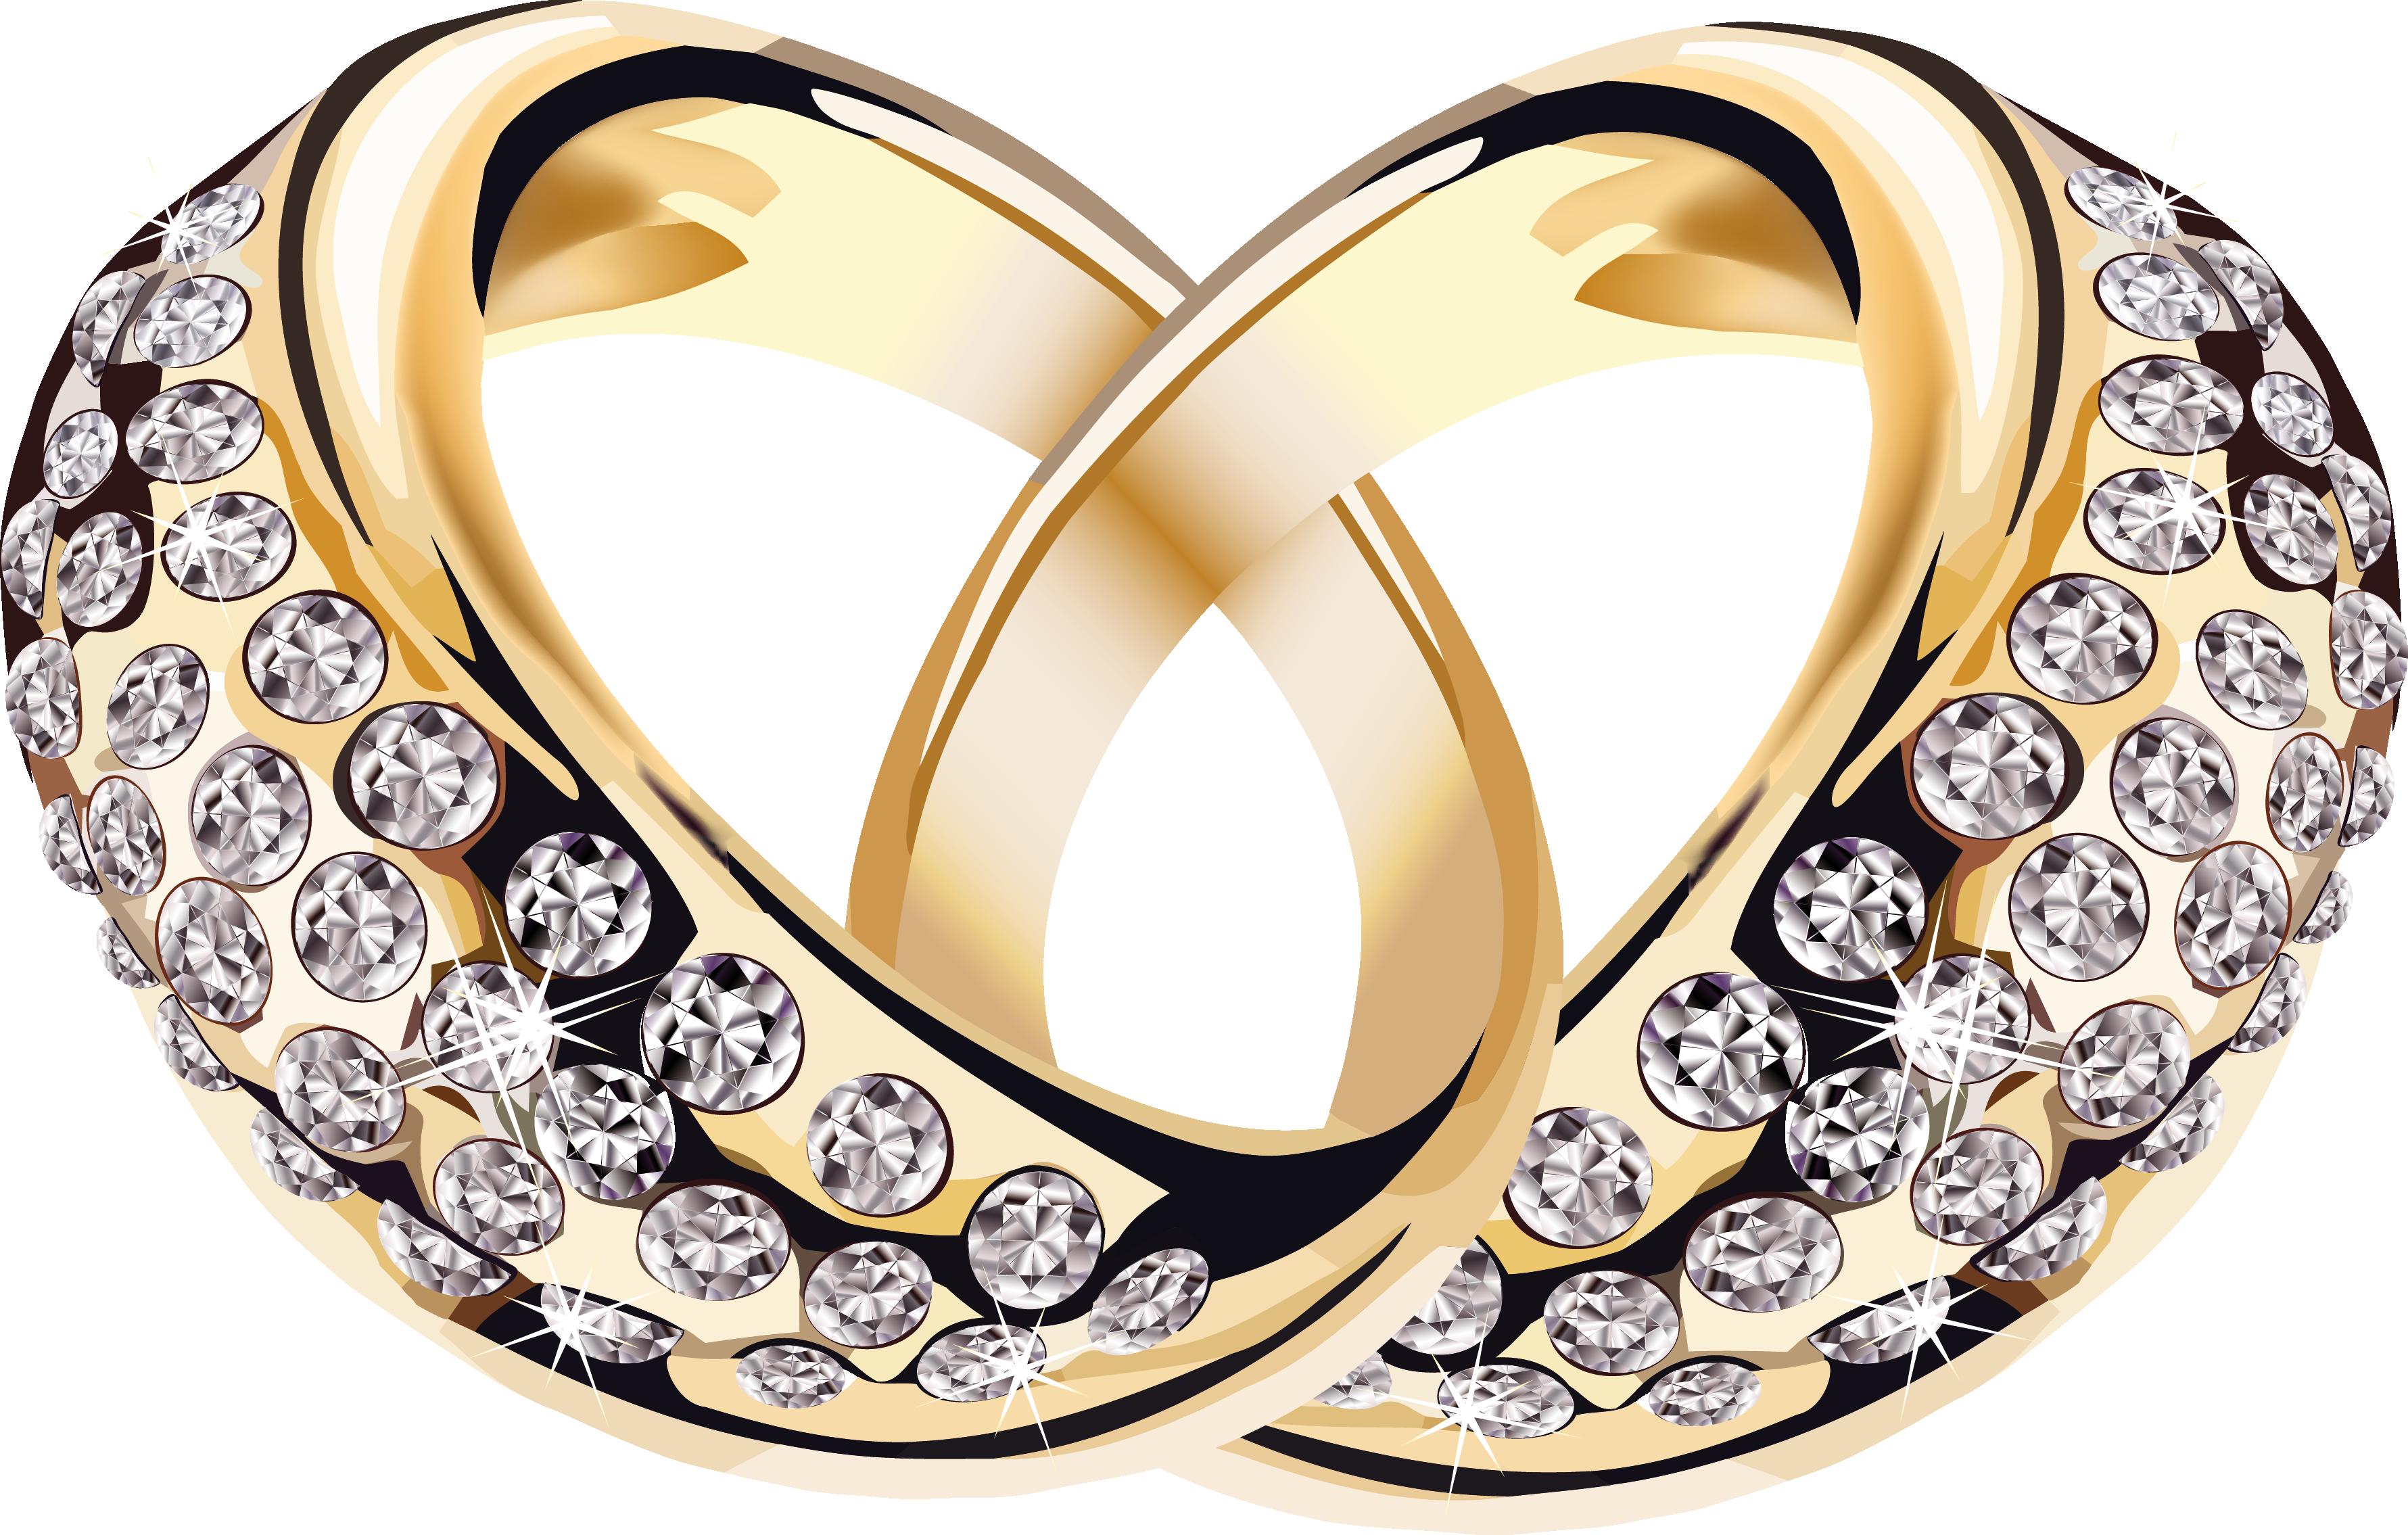 Клипарт свадебные кольца